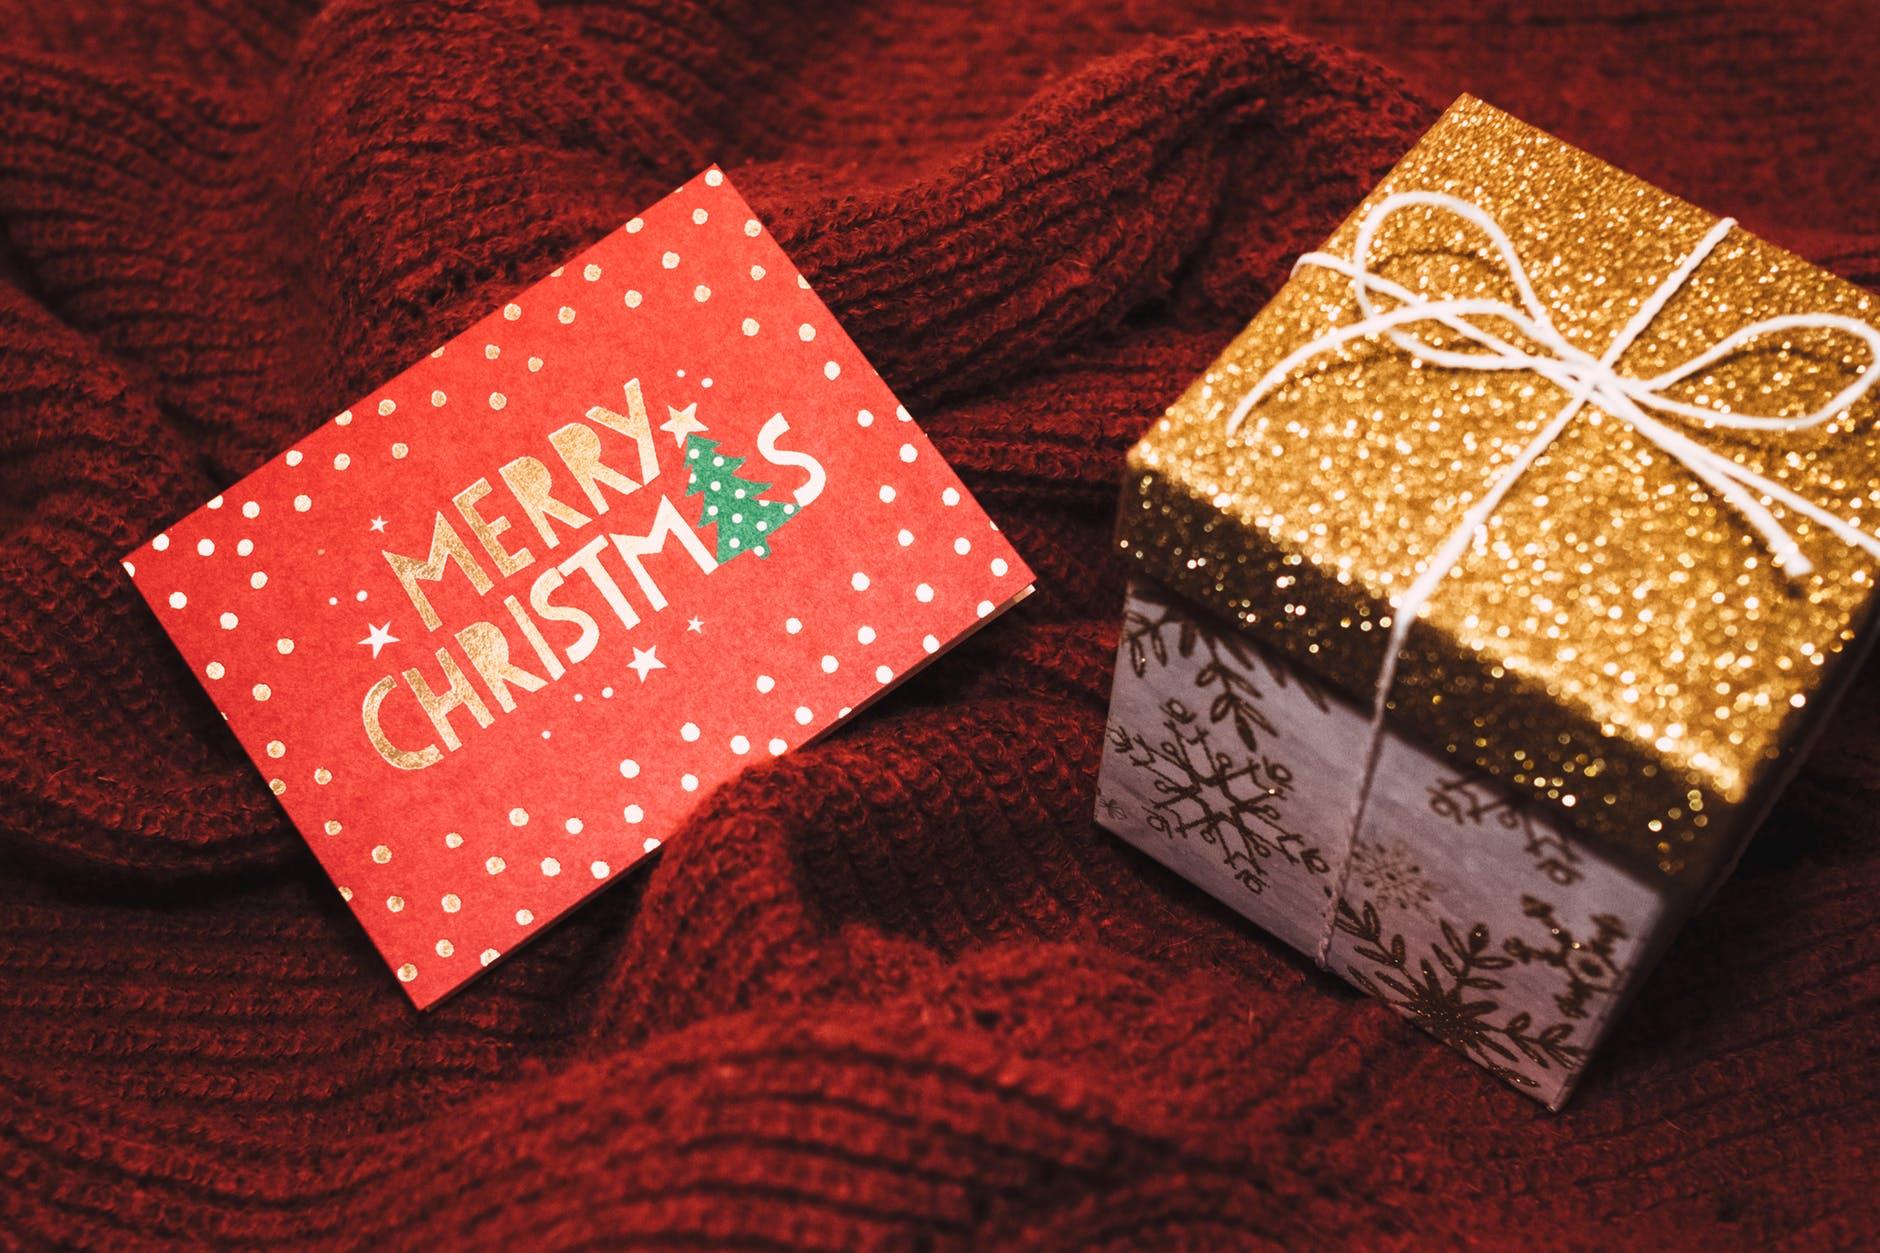 farmaciabeatrizcastellanos-regalos-navidad-farmacia